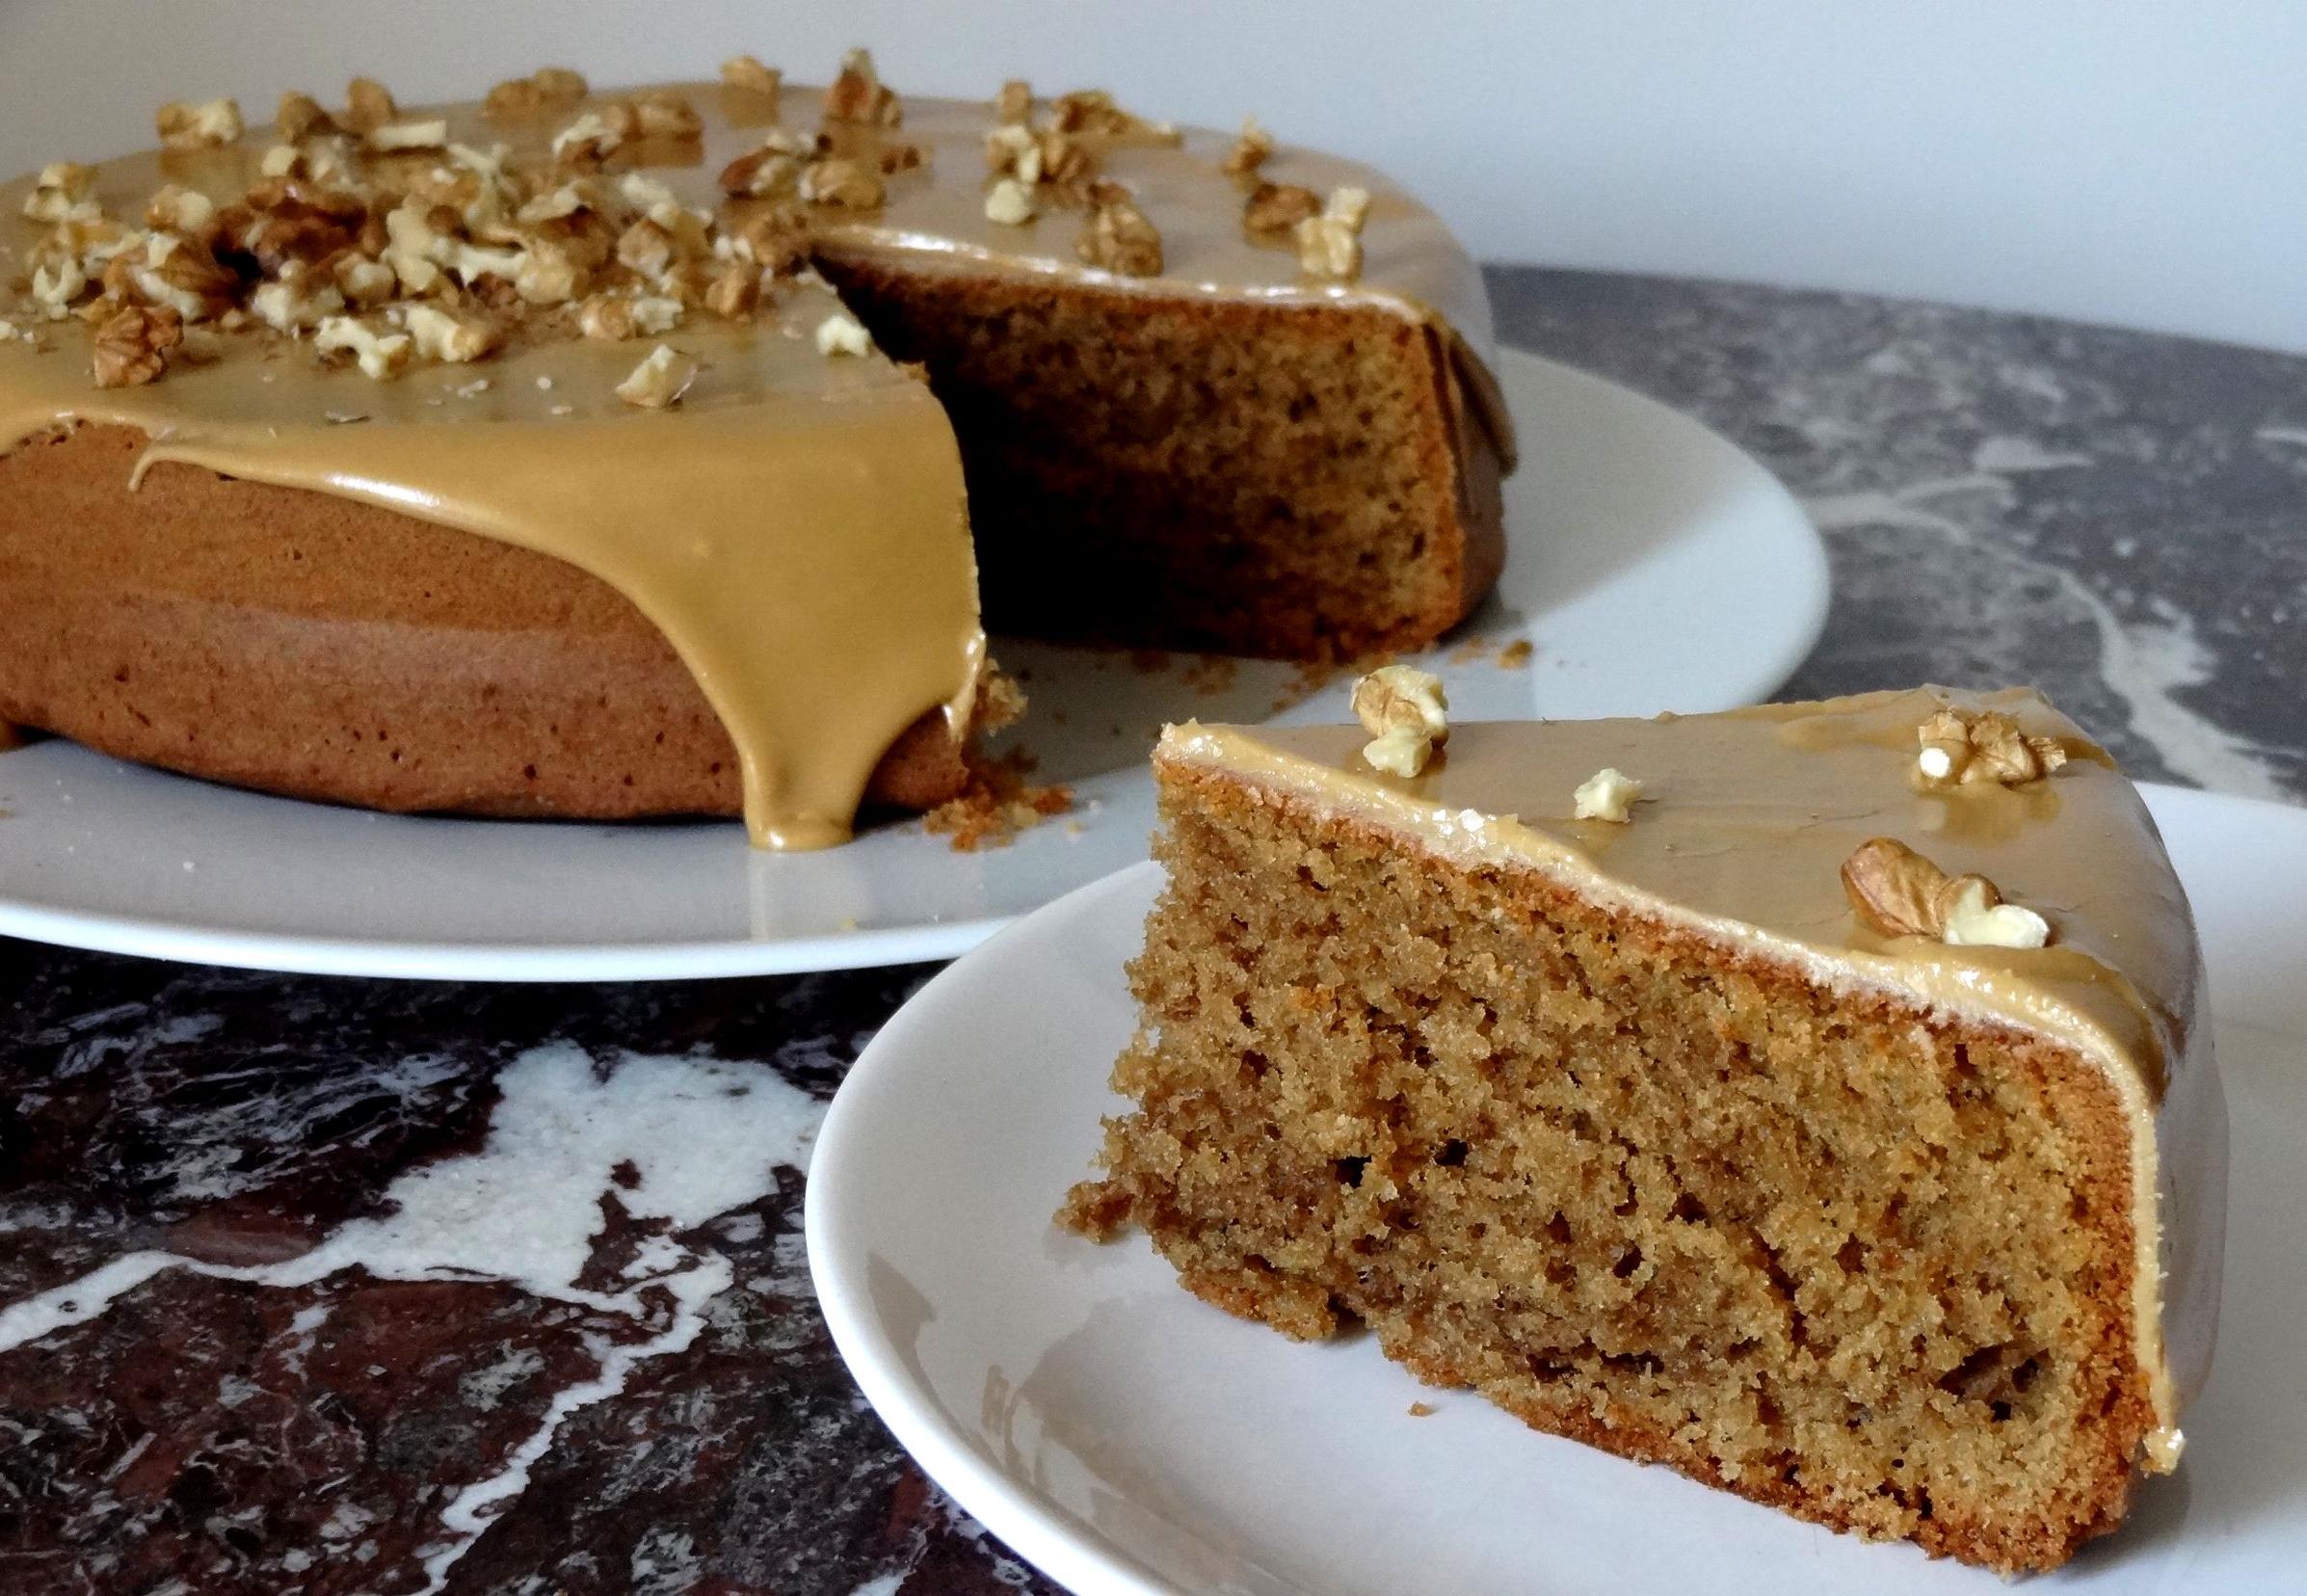 Un gâteau aromatisé au café est fait pour les débutants en pâtisserie